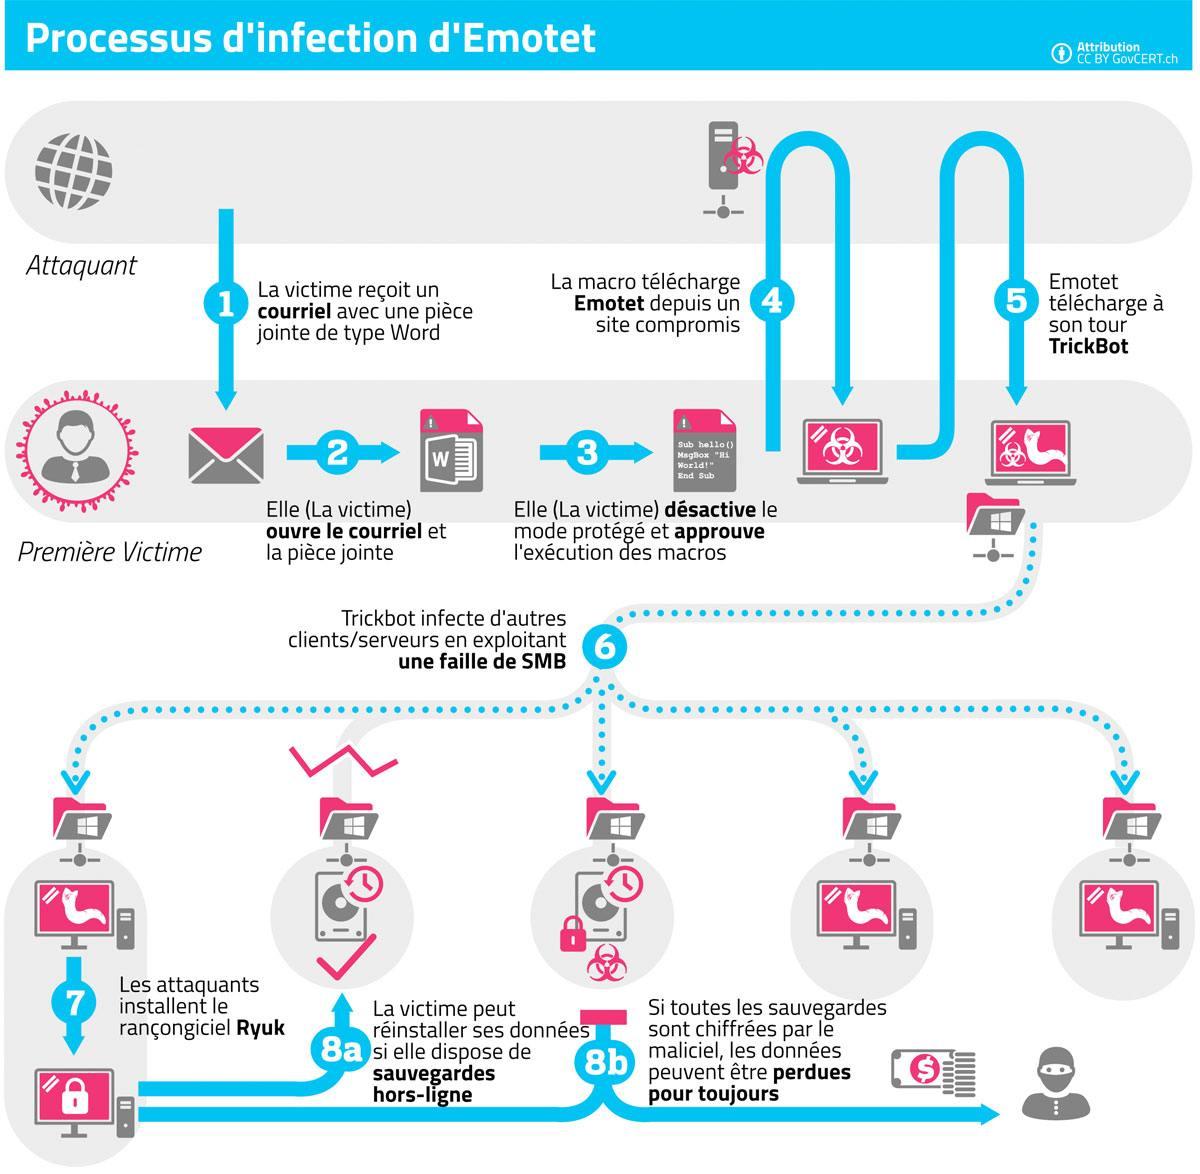 Emotet: le processus d'infection.